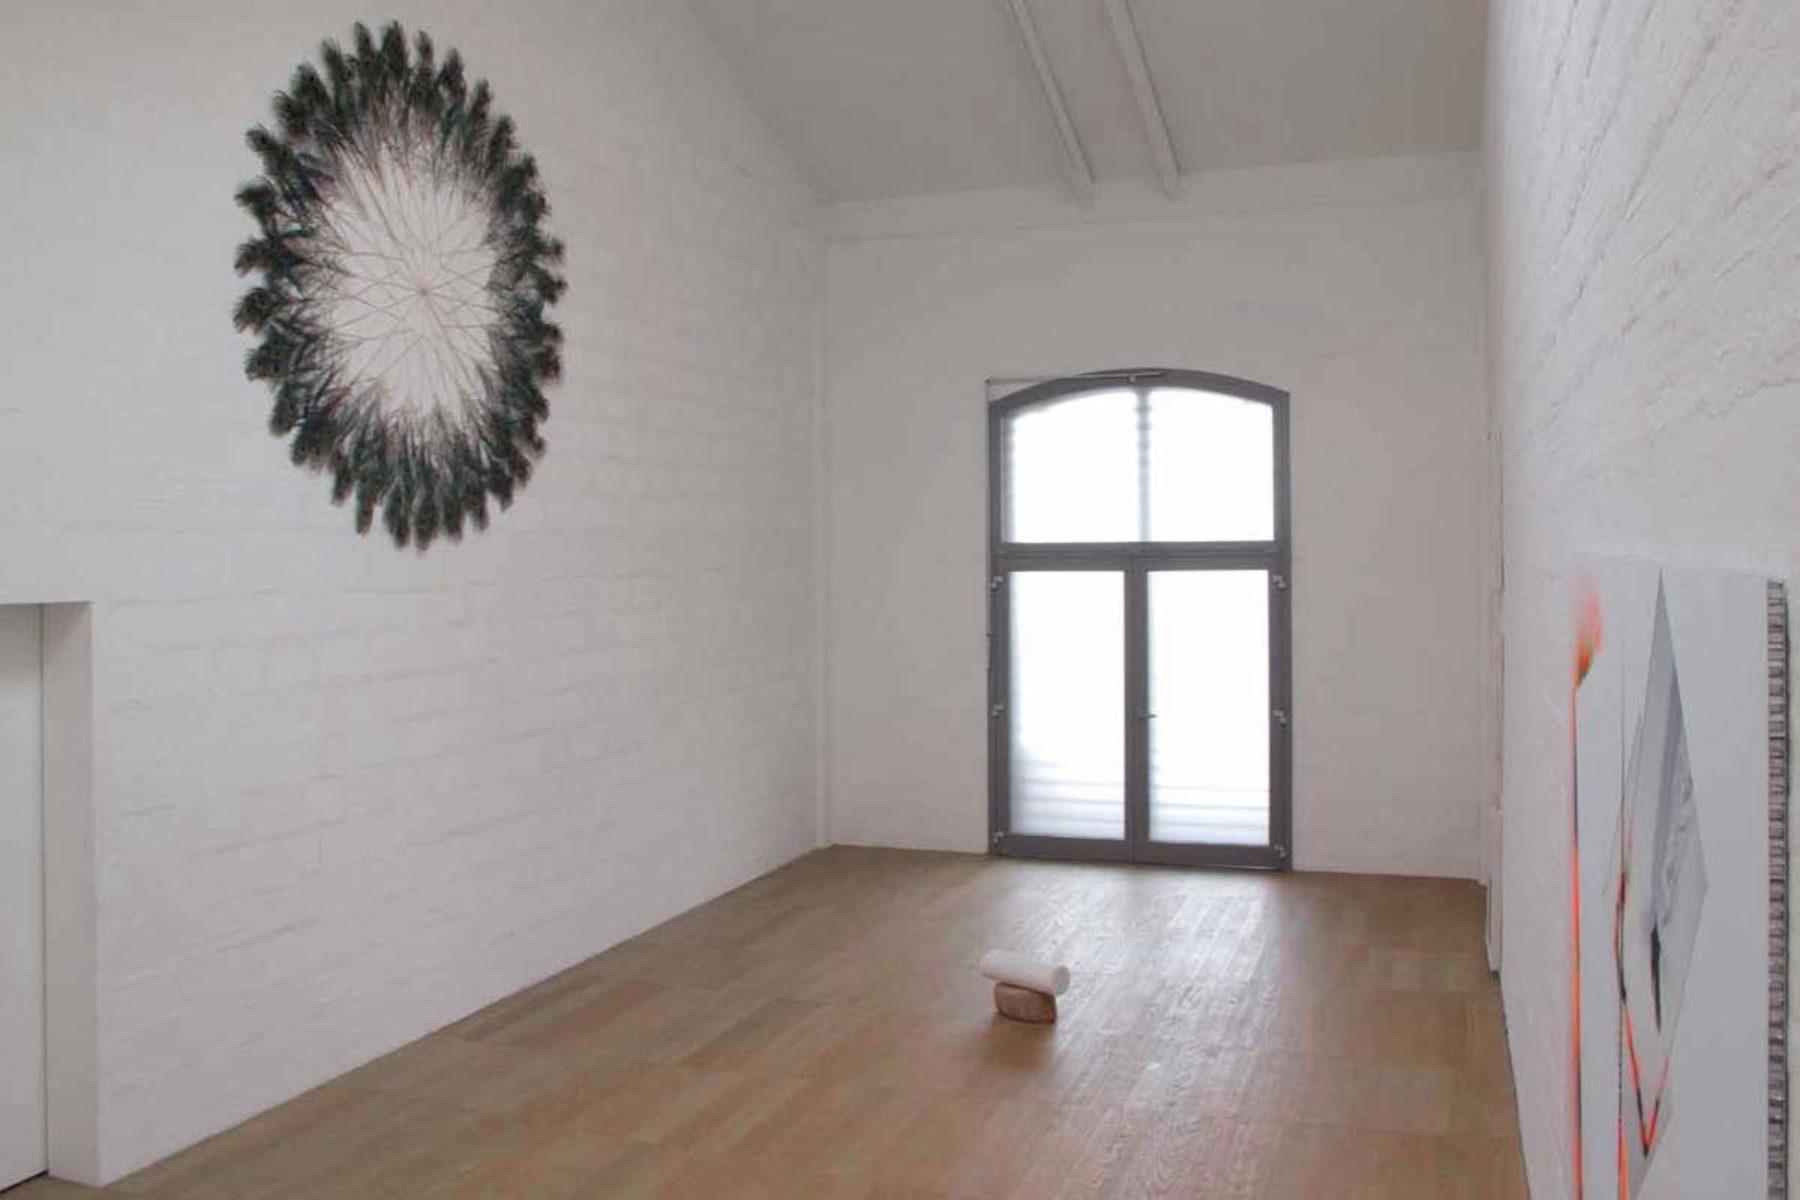 Entrare nell'opera, exhibition view, Galleria Massimodeluca (06)